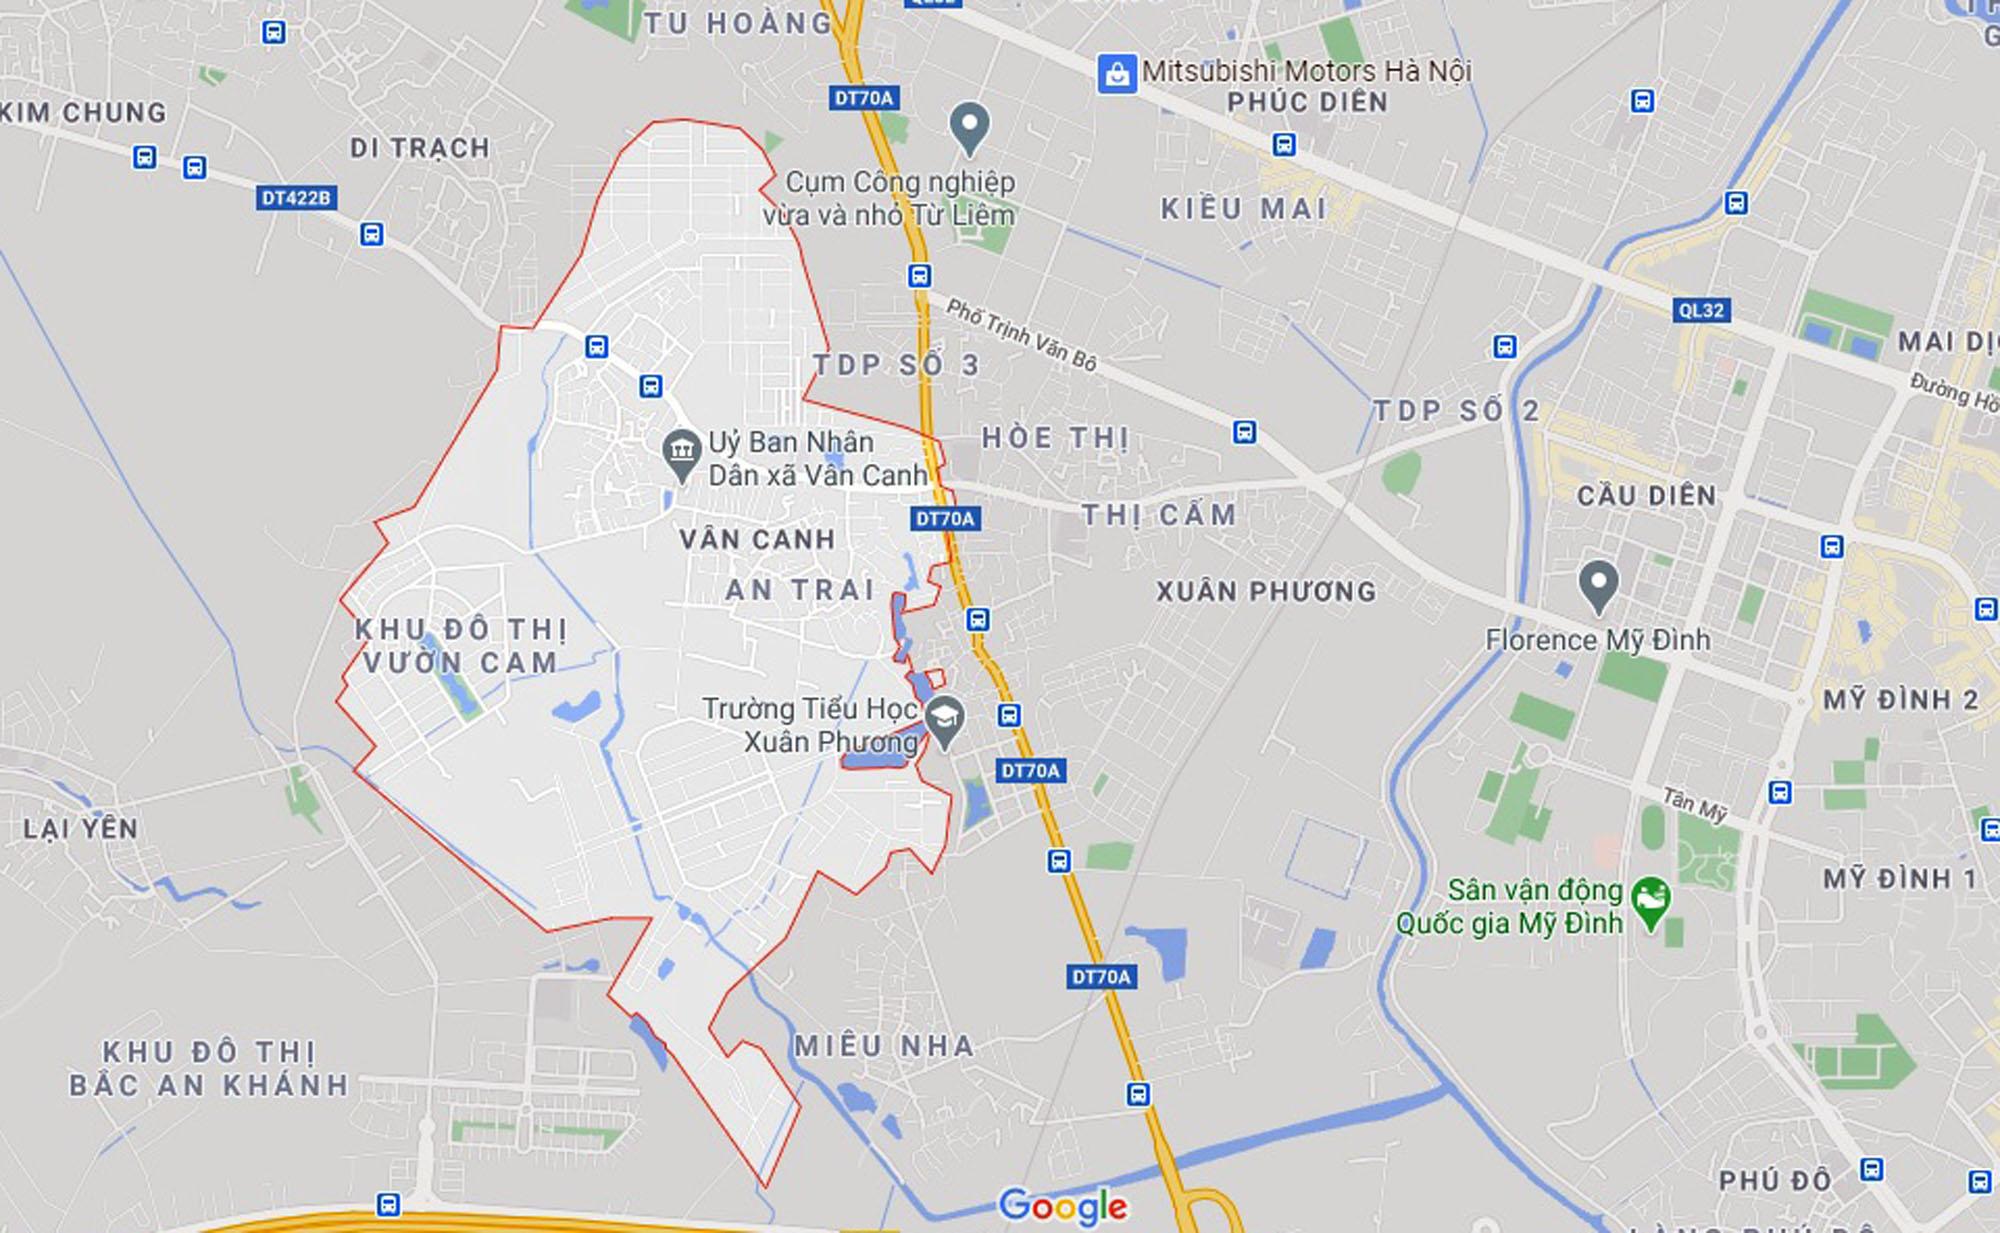 đường sẽ mở theo qui hoạch ở xã Vân Canh, Hoài Đức, Hà Nội - Ảnh 1.